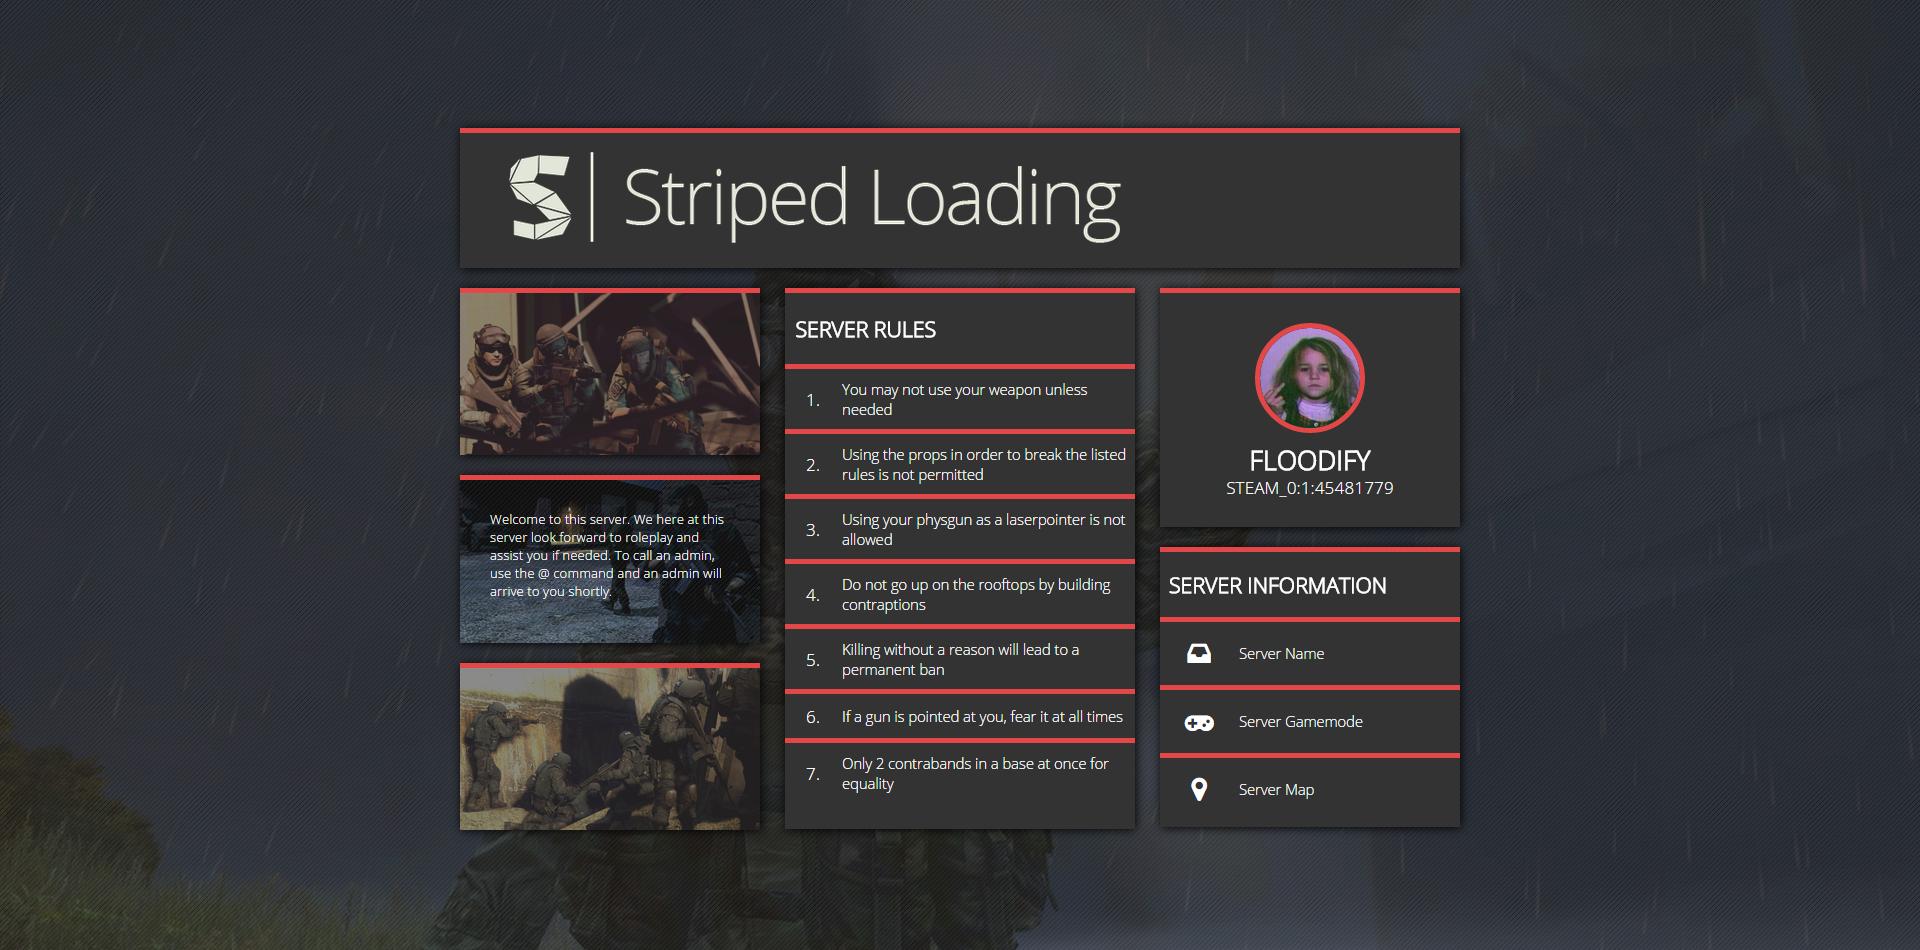 Striper Loading - A Garry's Mod loading screen